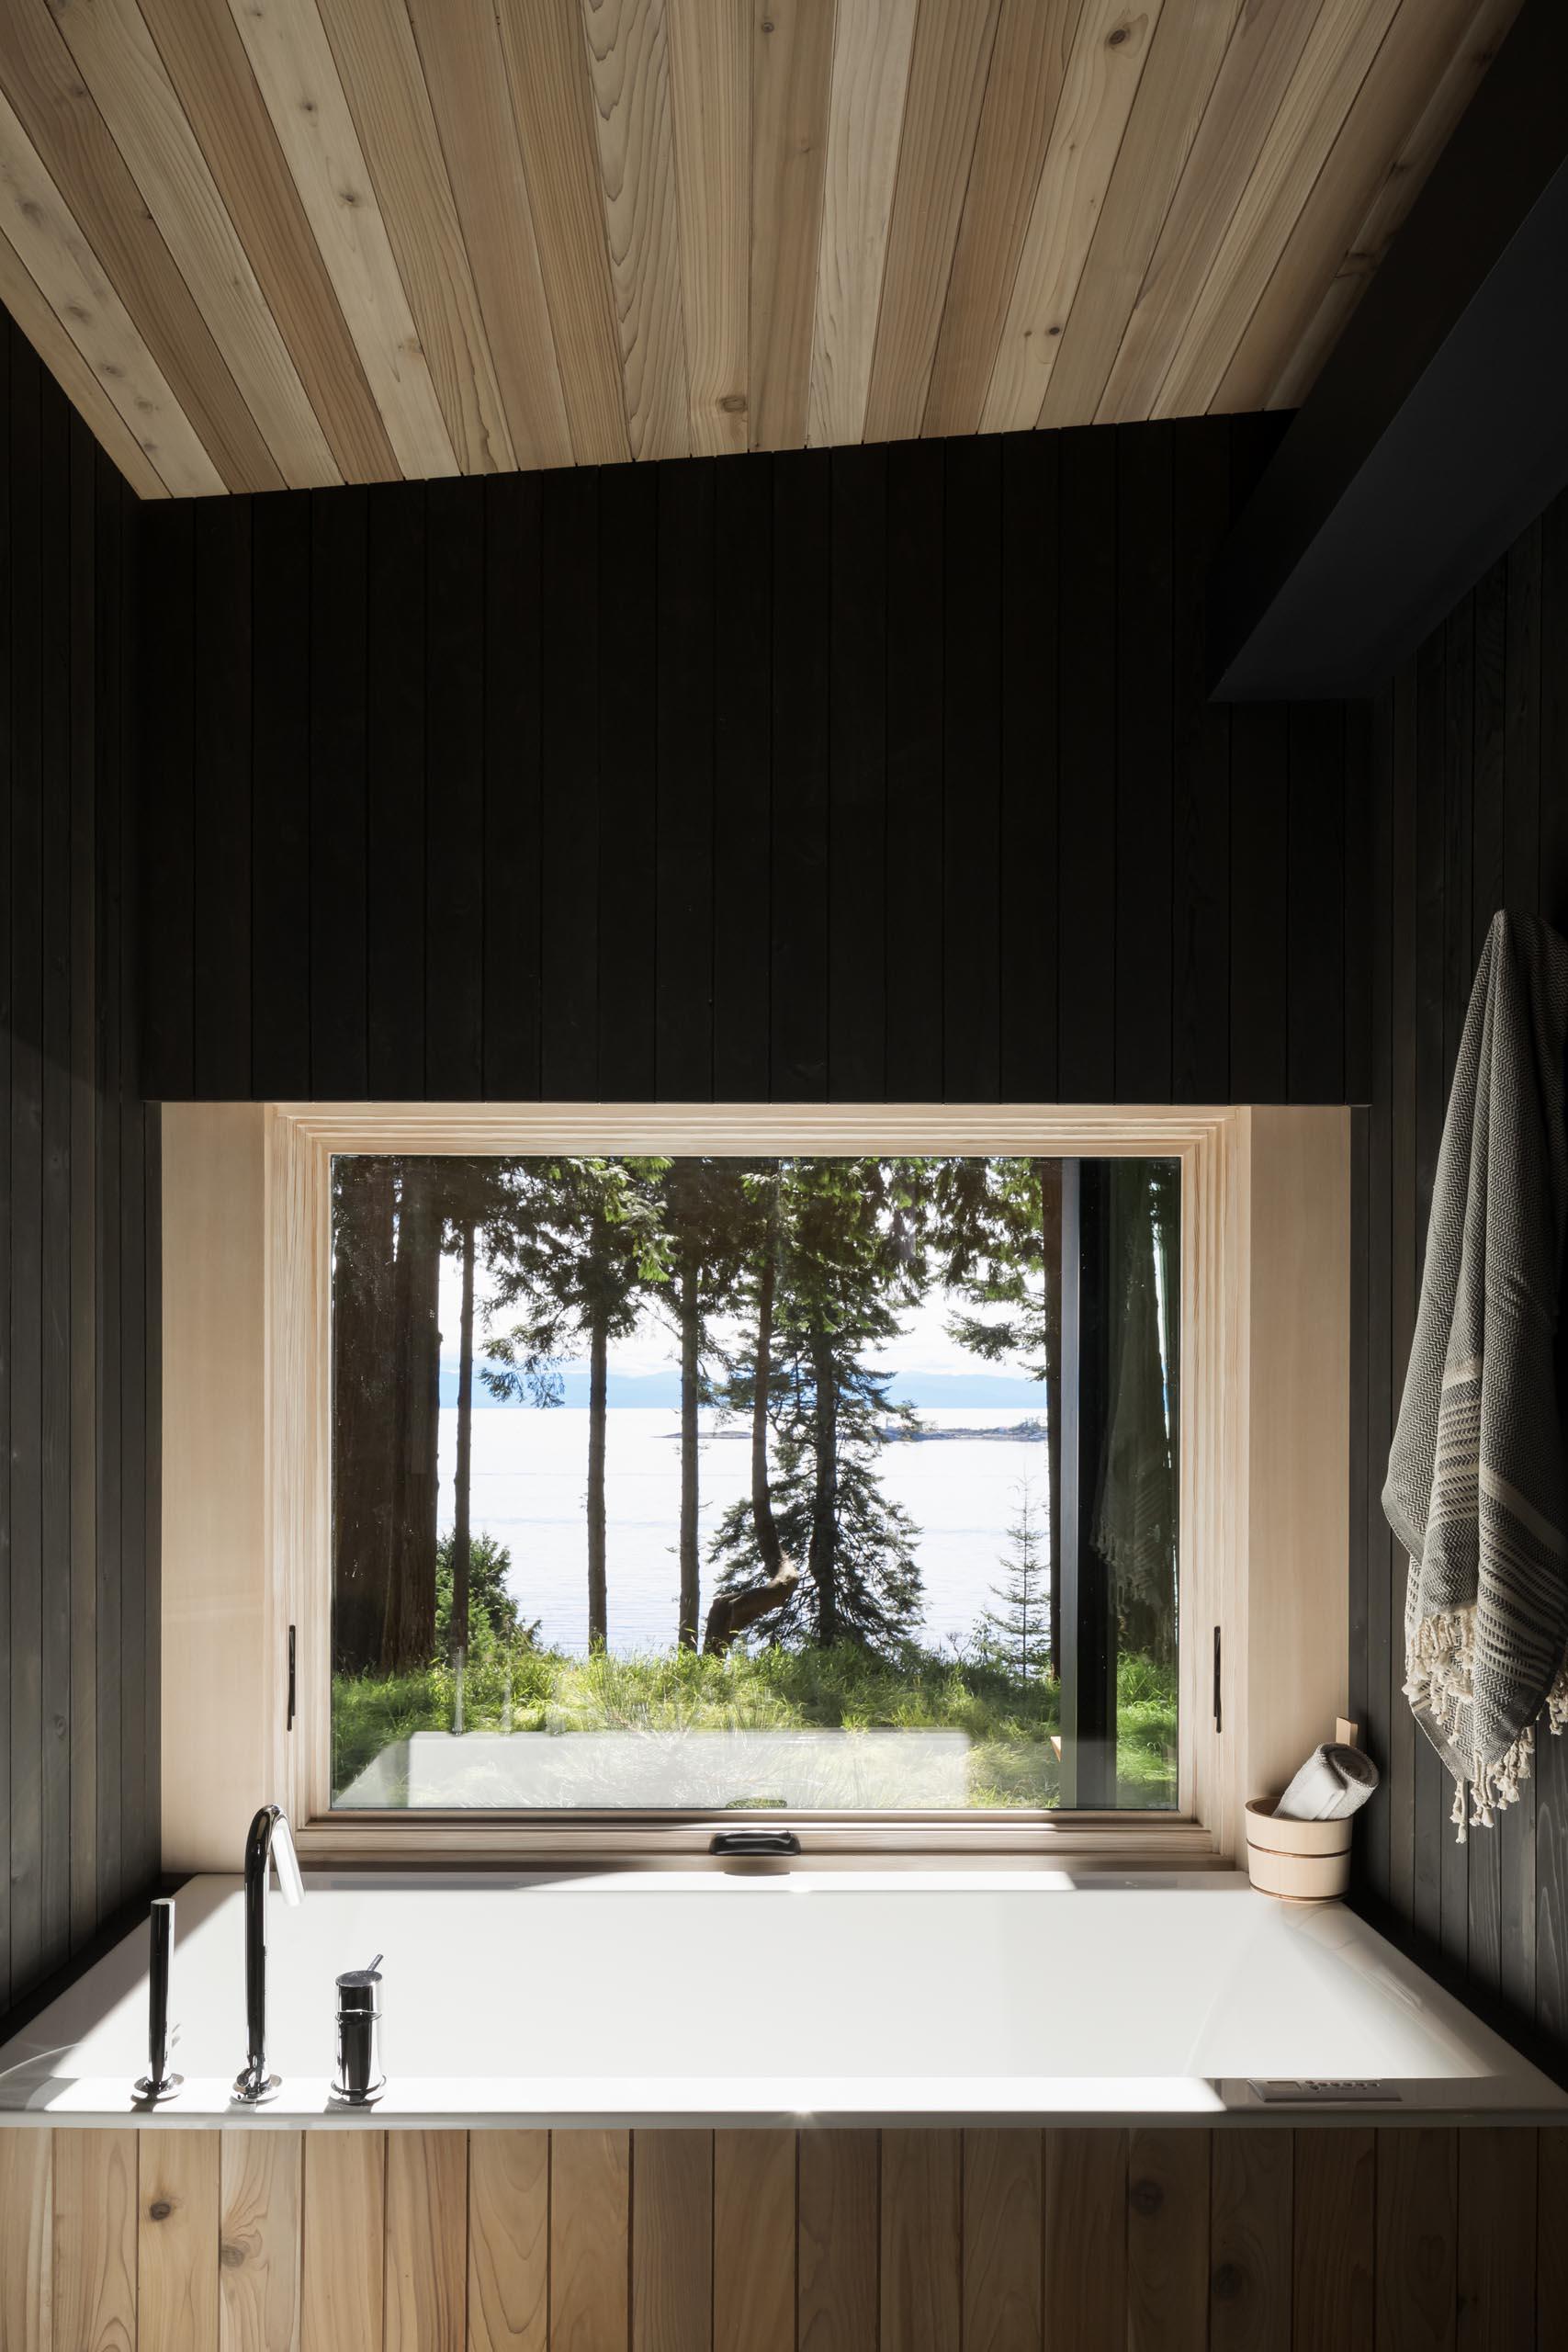 In this modern bathroom, blackened cedar wood walls surround a built-in bathtub.